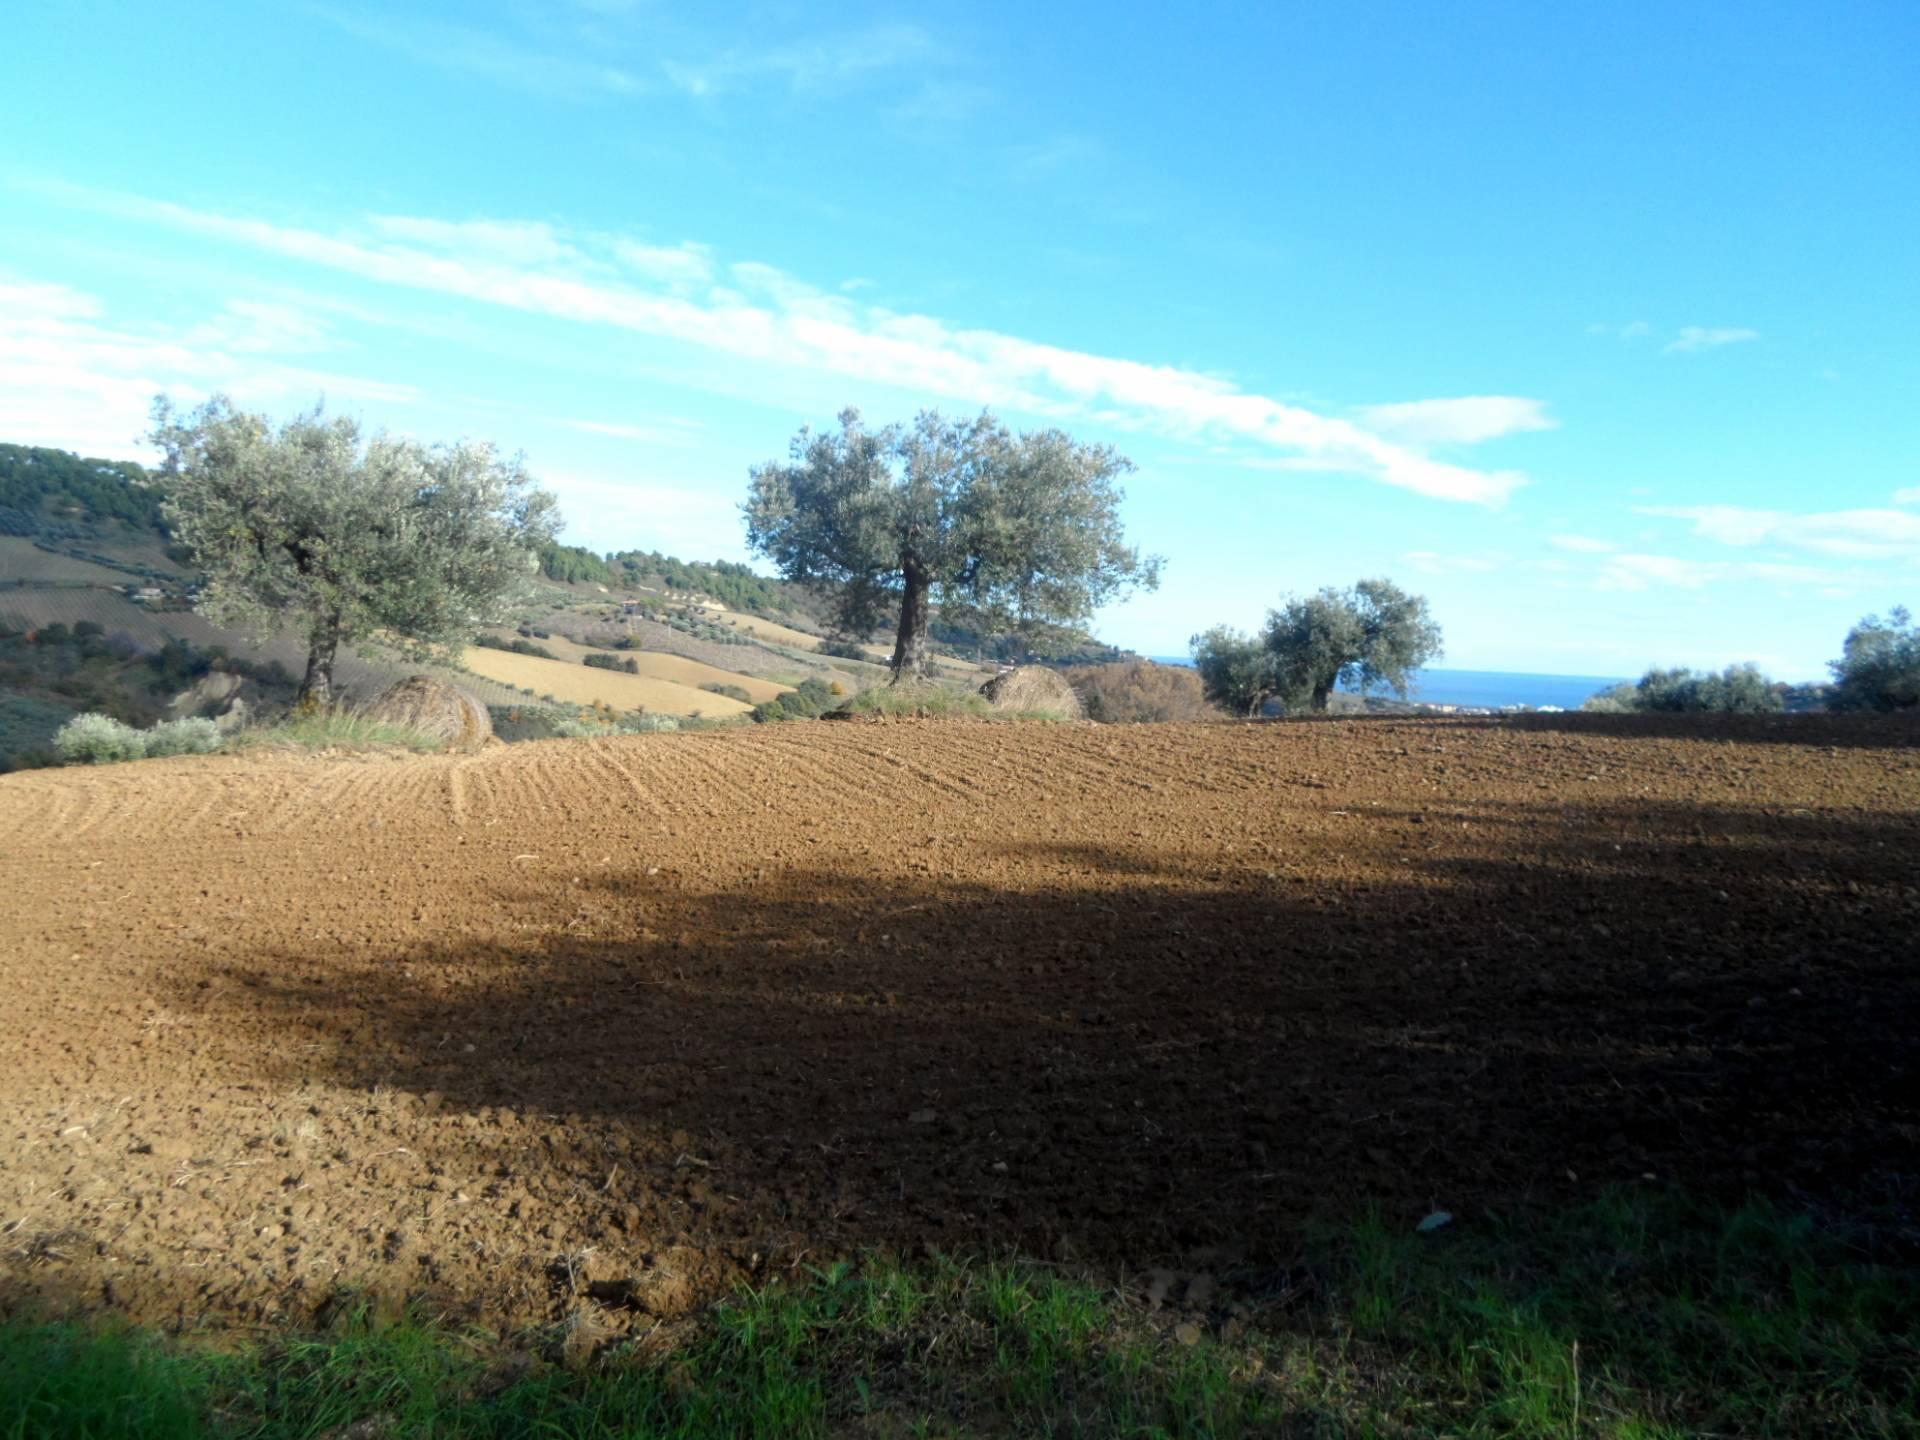 Terreno Agricolo in vendita a Monteprandone, 9999 locali, zona obuchi, prezzo € 80.000 | PortaleAgenzieImmobiliari.it